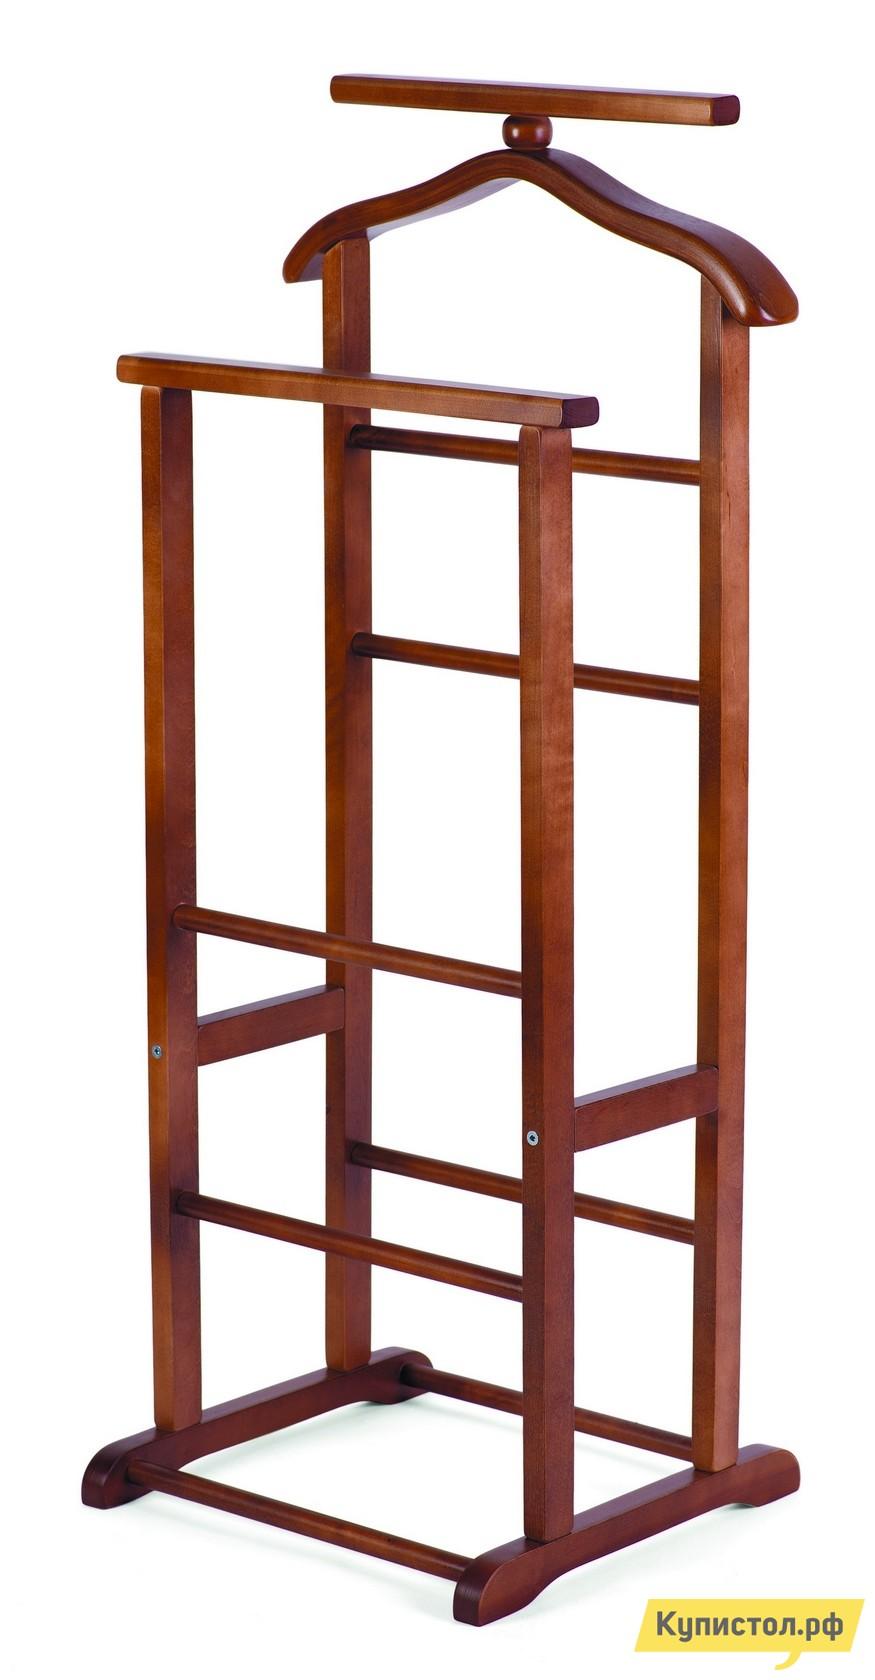 Костюмная вешалка Мебелик В-9Н (костюмная) Темно-коричневый